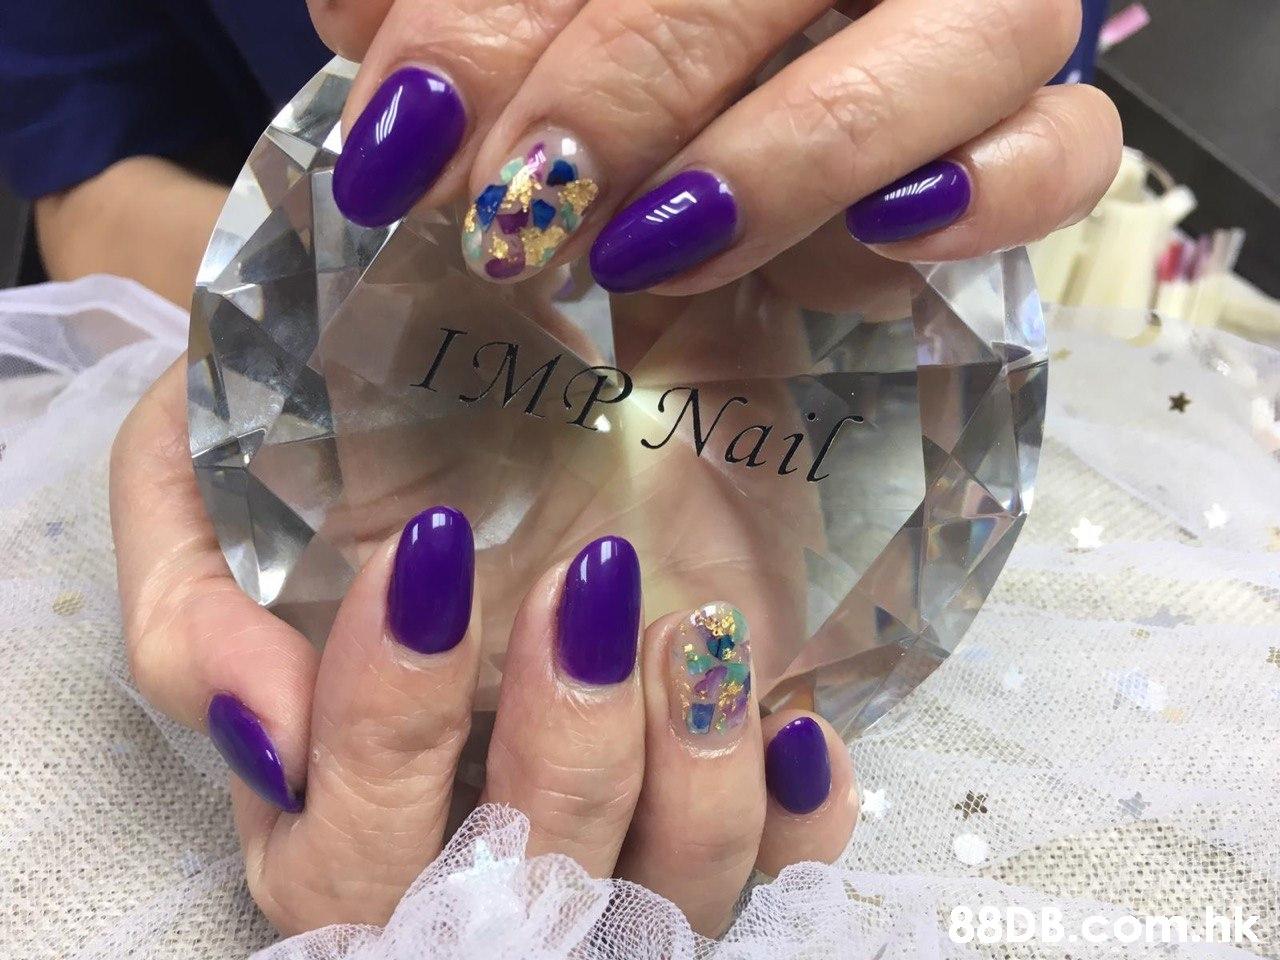 IMPNail  hk  Nail polish,Nail,Manicure,Nail care,Finger